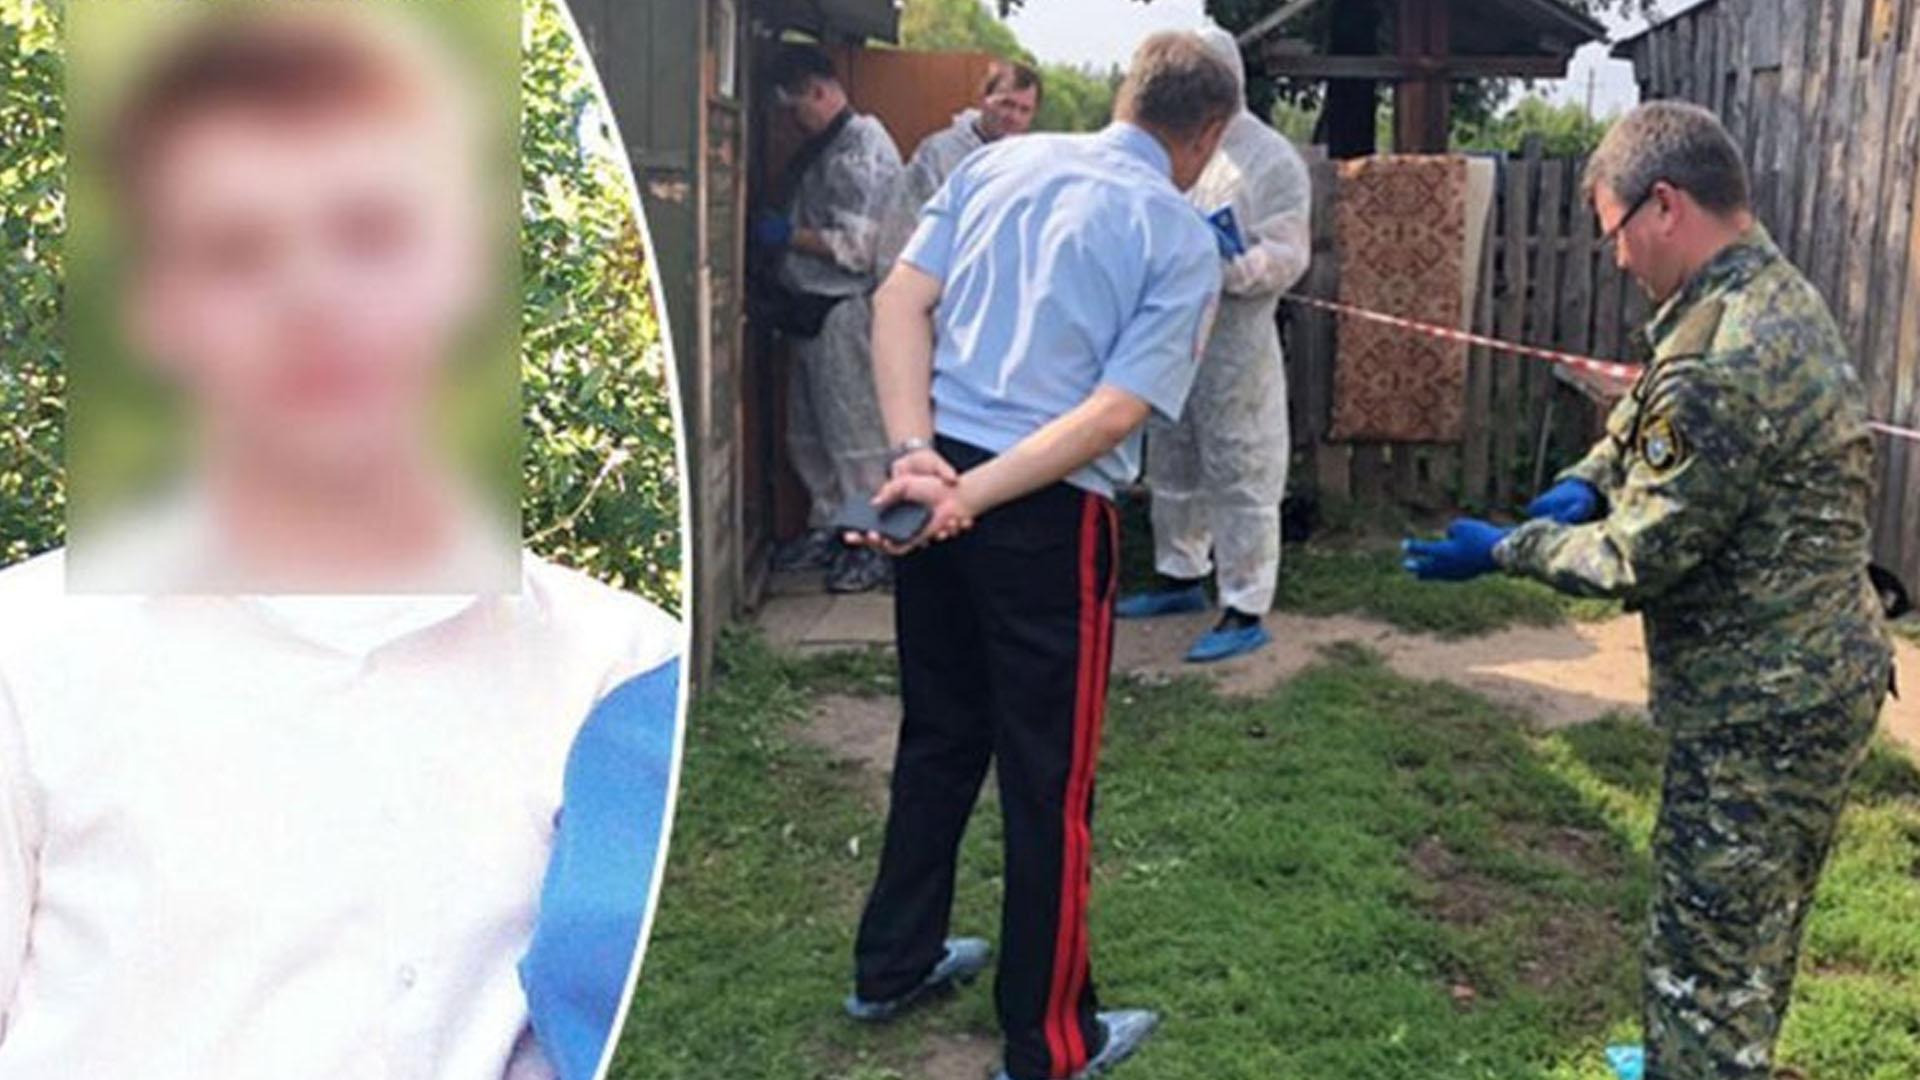 Rusya'da cinnet getiren çocuk ailesini balta ile katletti